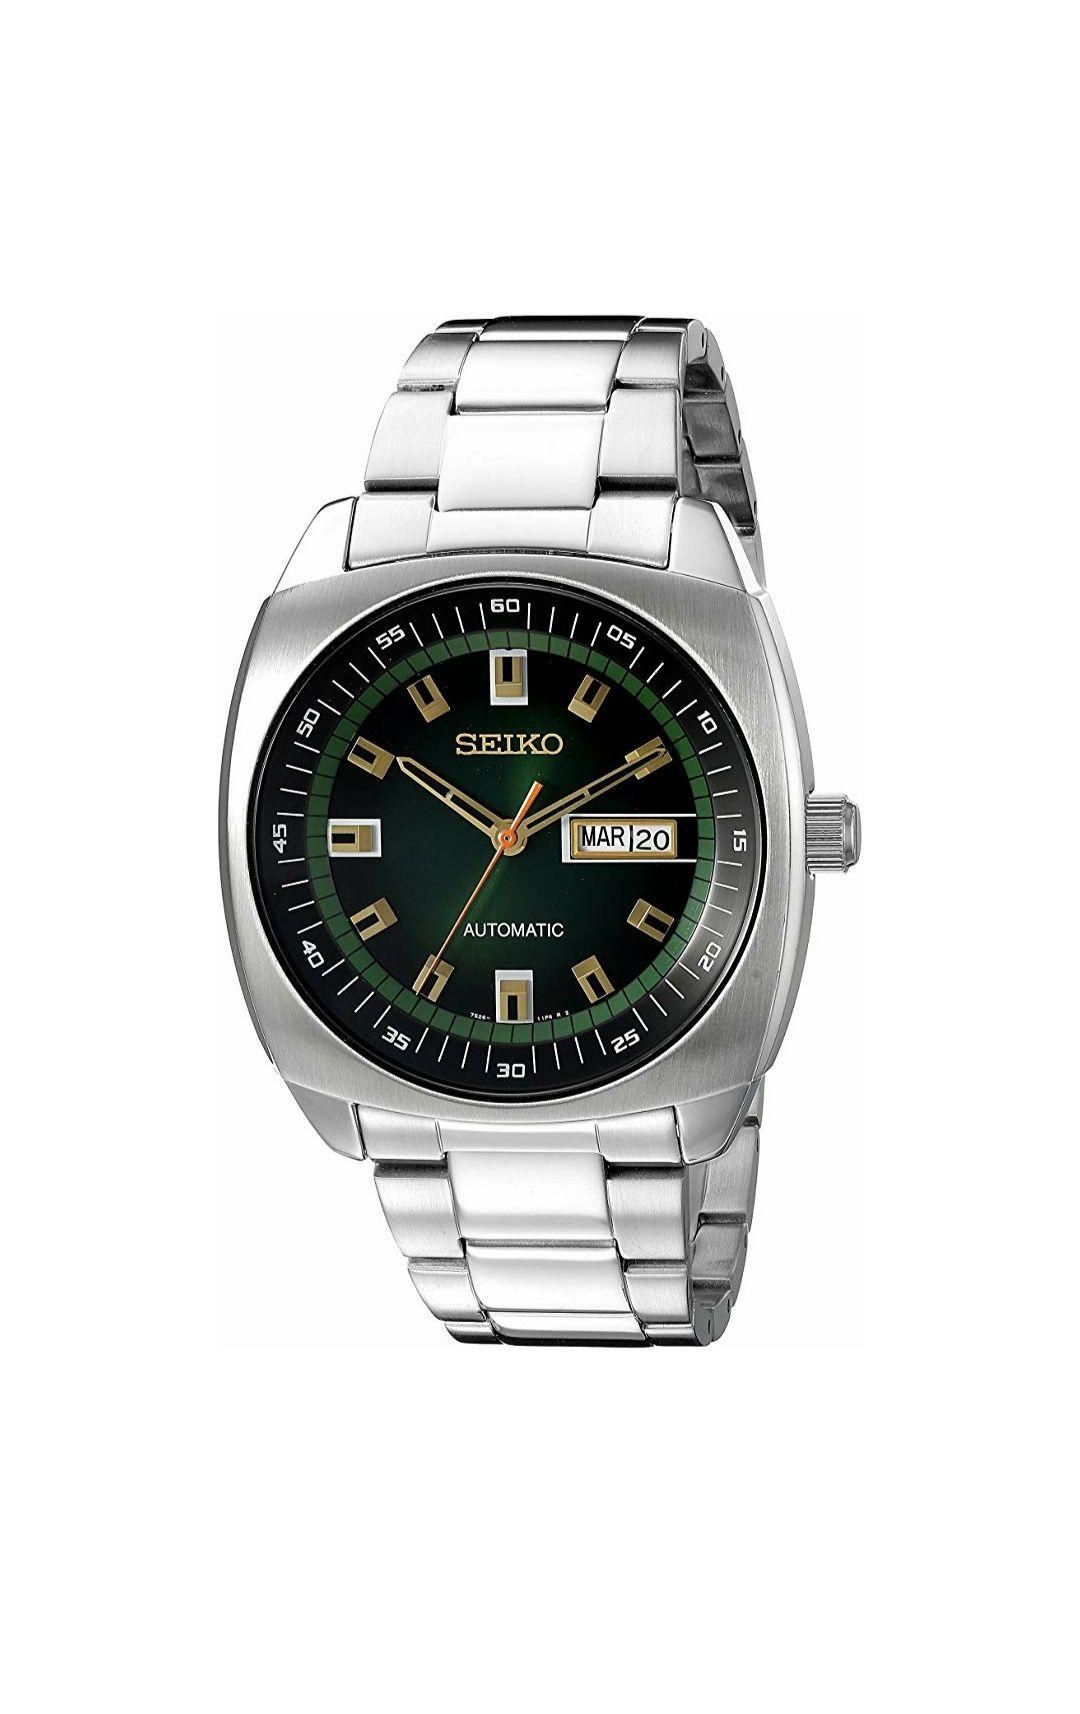 Amazon Reloj Seiko SNKM97 Automático